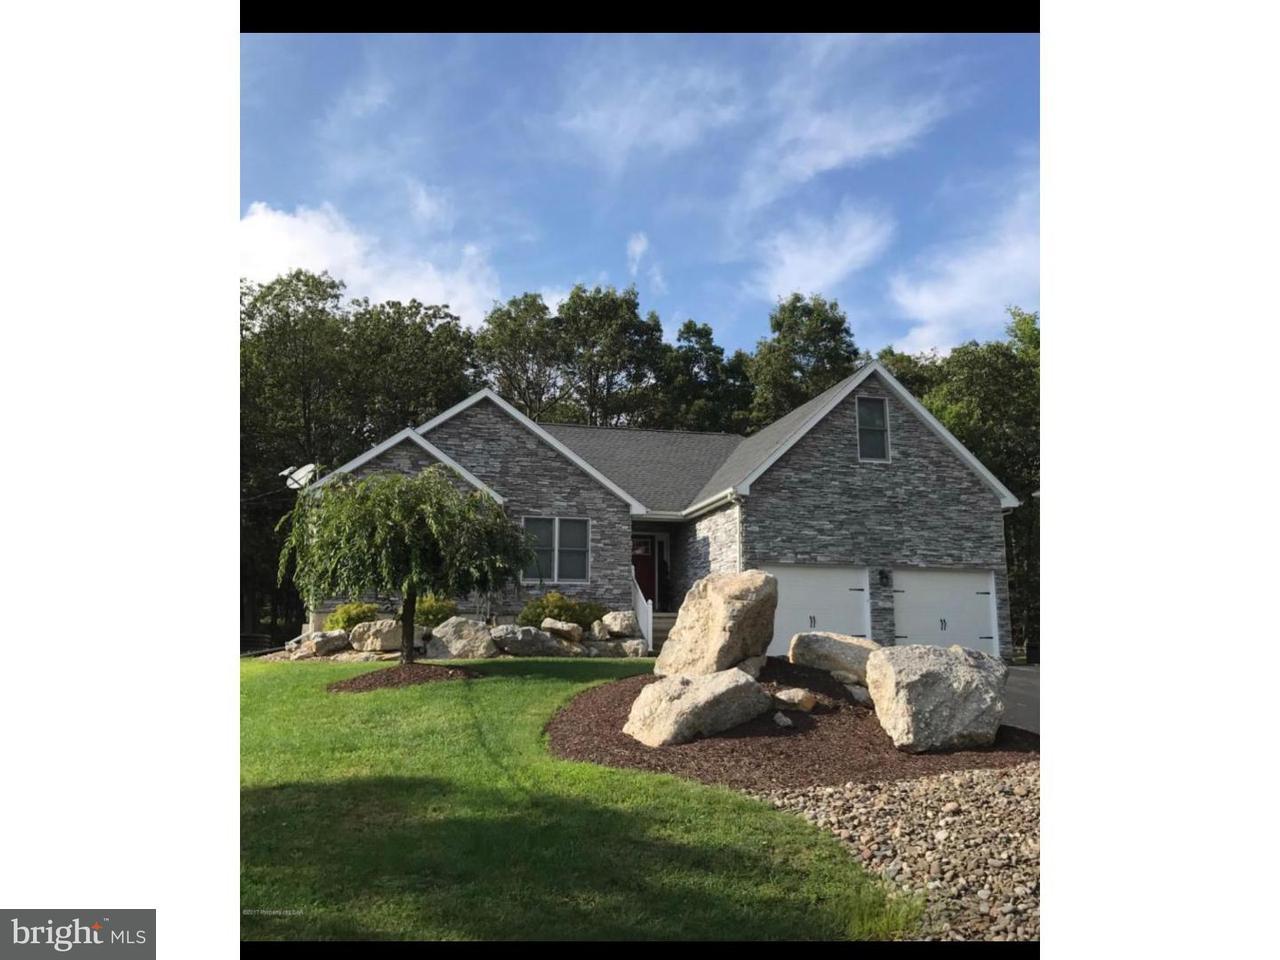 Maison unifamiliale pour l Vente à 48 TURNBERRY Lane Hazle Township, Pennsylvanie 18202 États-Unis